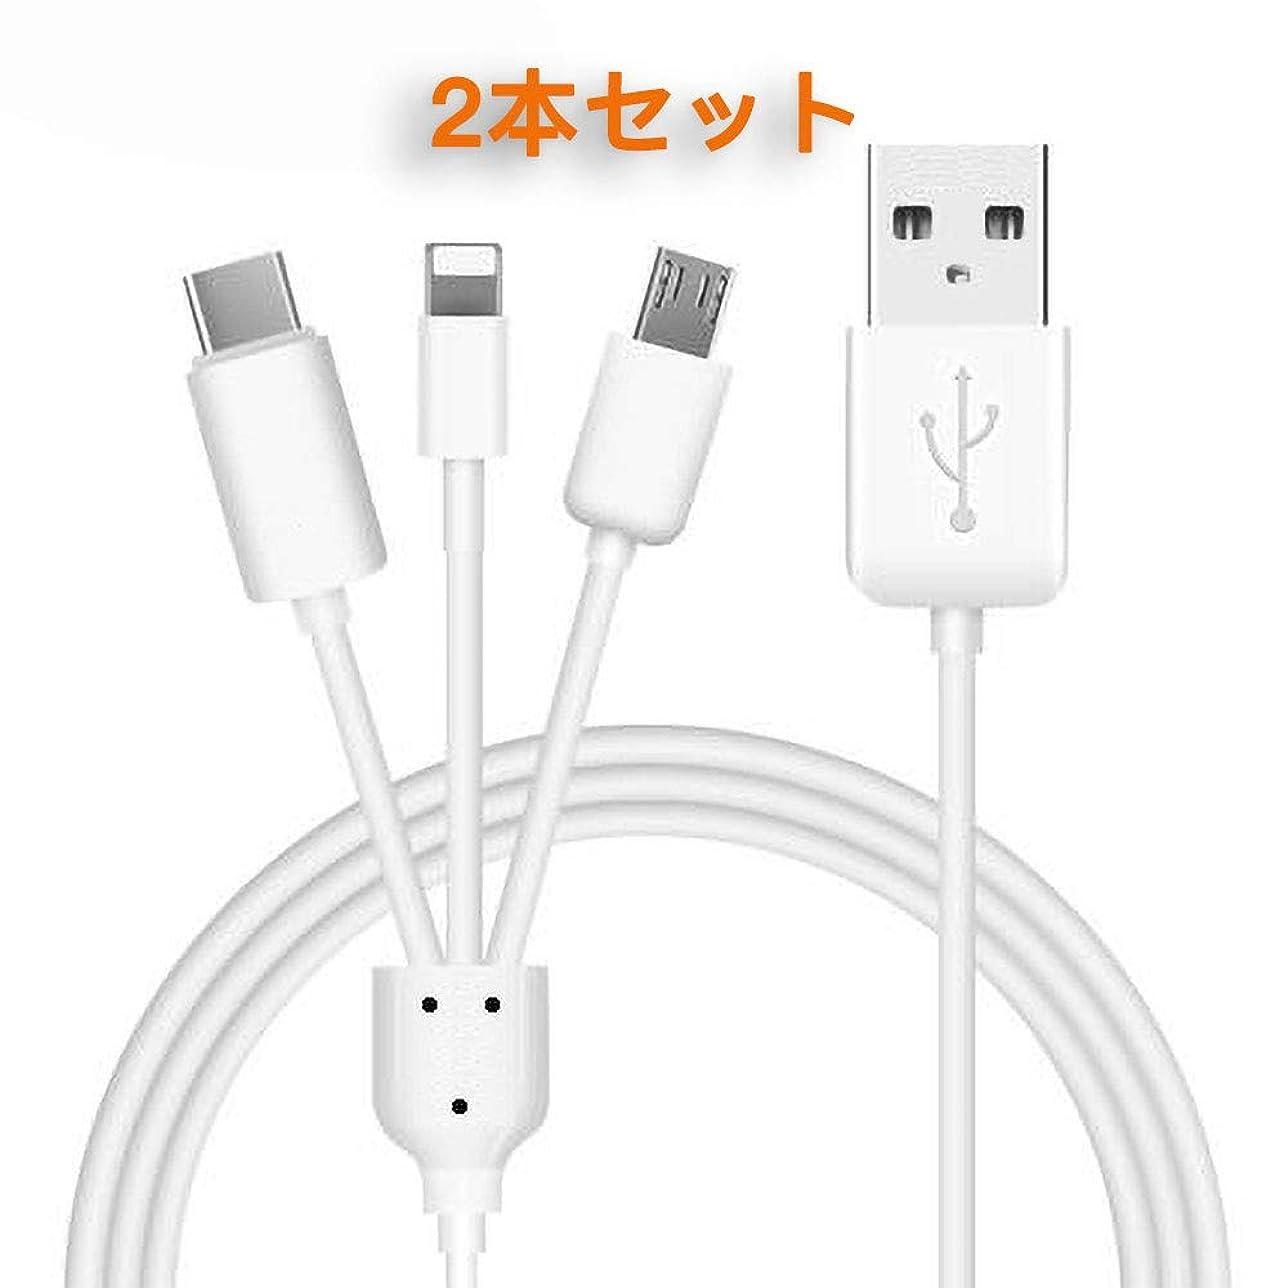 マンモス配当ピューマルチ充電ケーブル 3in1 充電ケーブル, 1.2M*2本b2easy Micro usb ケーブル アンコーラ ライトニングケーブル USB Type-Cケーブル ライトニング 3in1 充電ケーブル急速充電 iOS/Android 同時給電可能 iPhone8 8plus 7 7 plus/6 6s plus/iPad/Macbook 1本3役 多機種対応 (白 White)